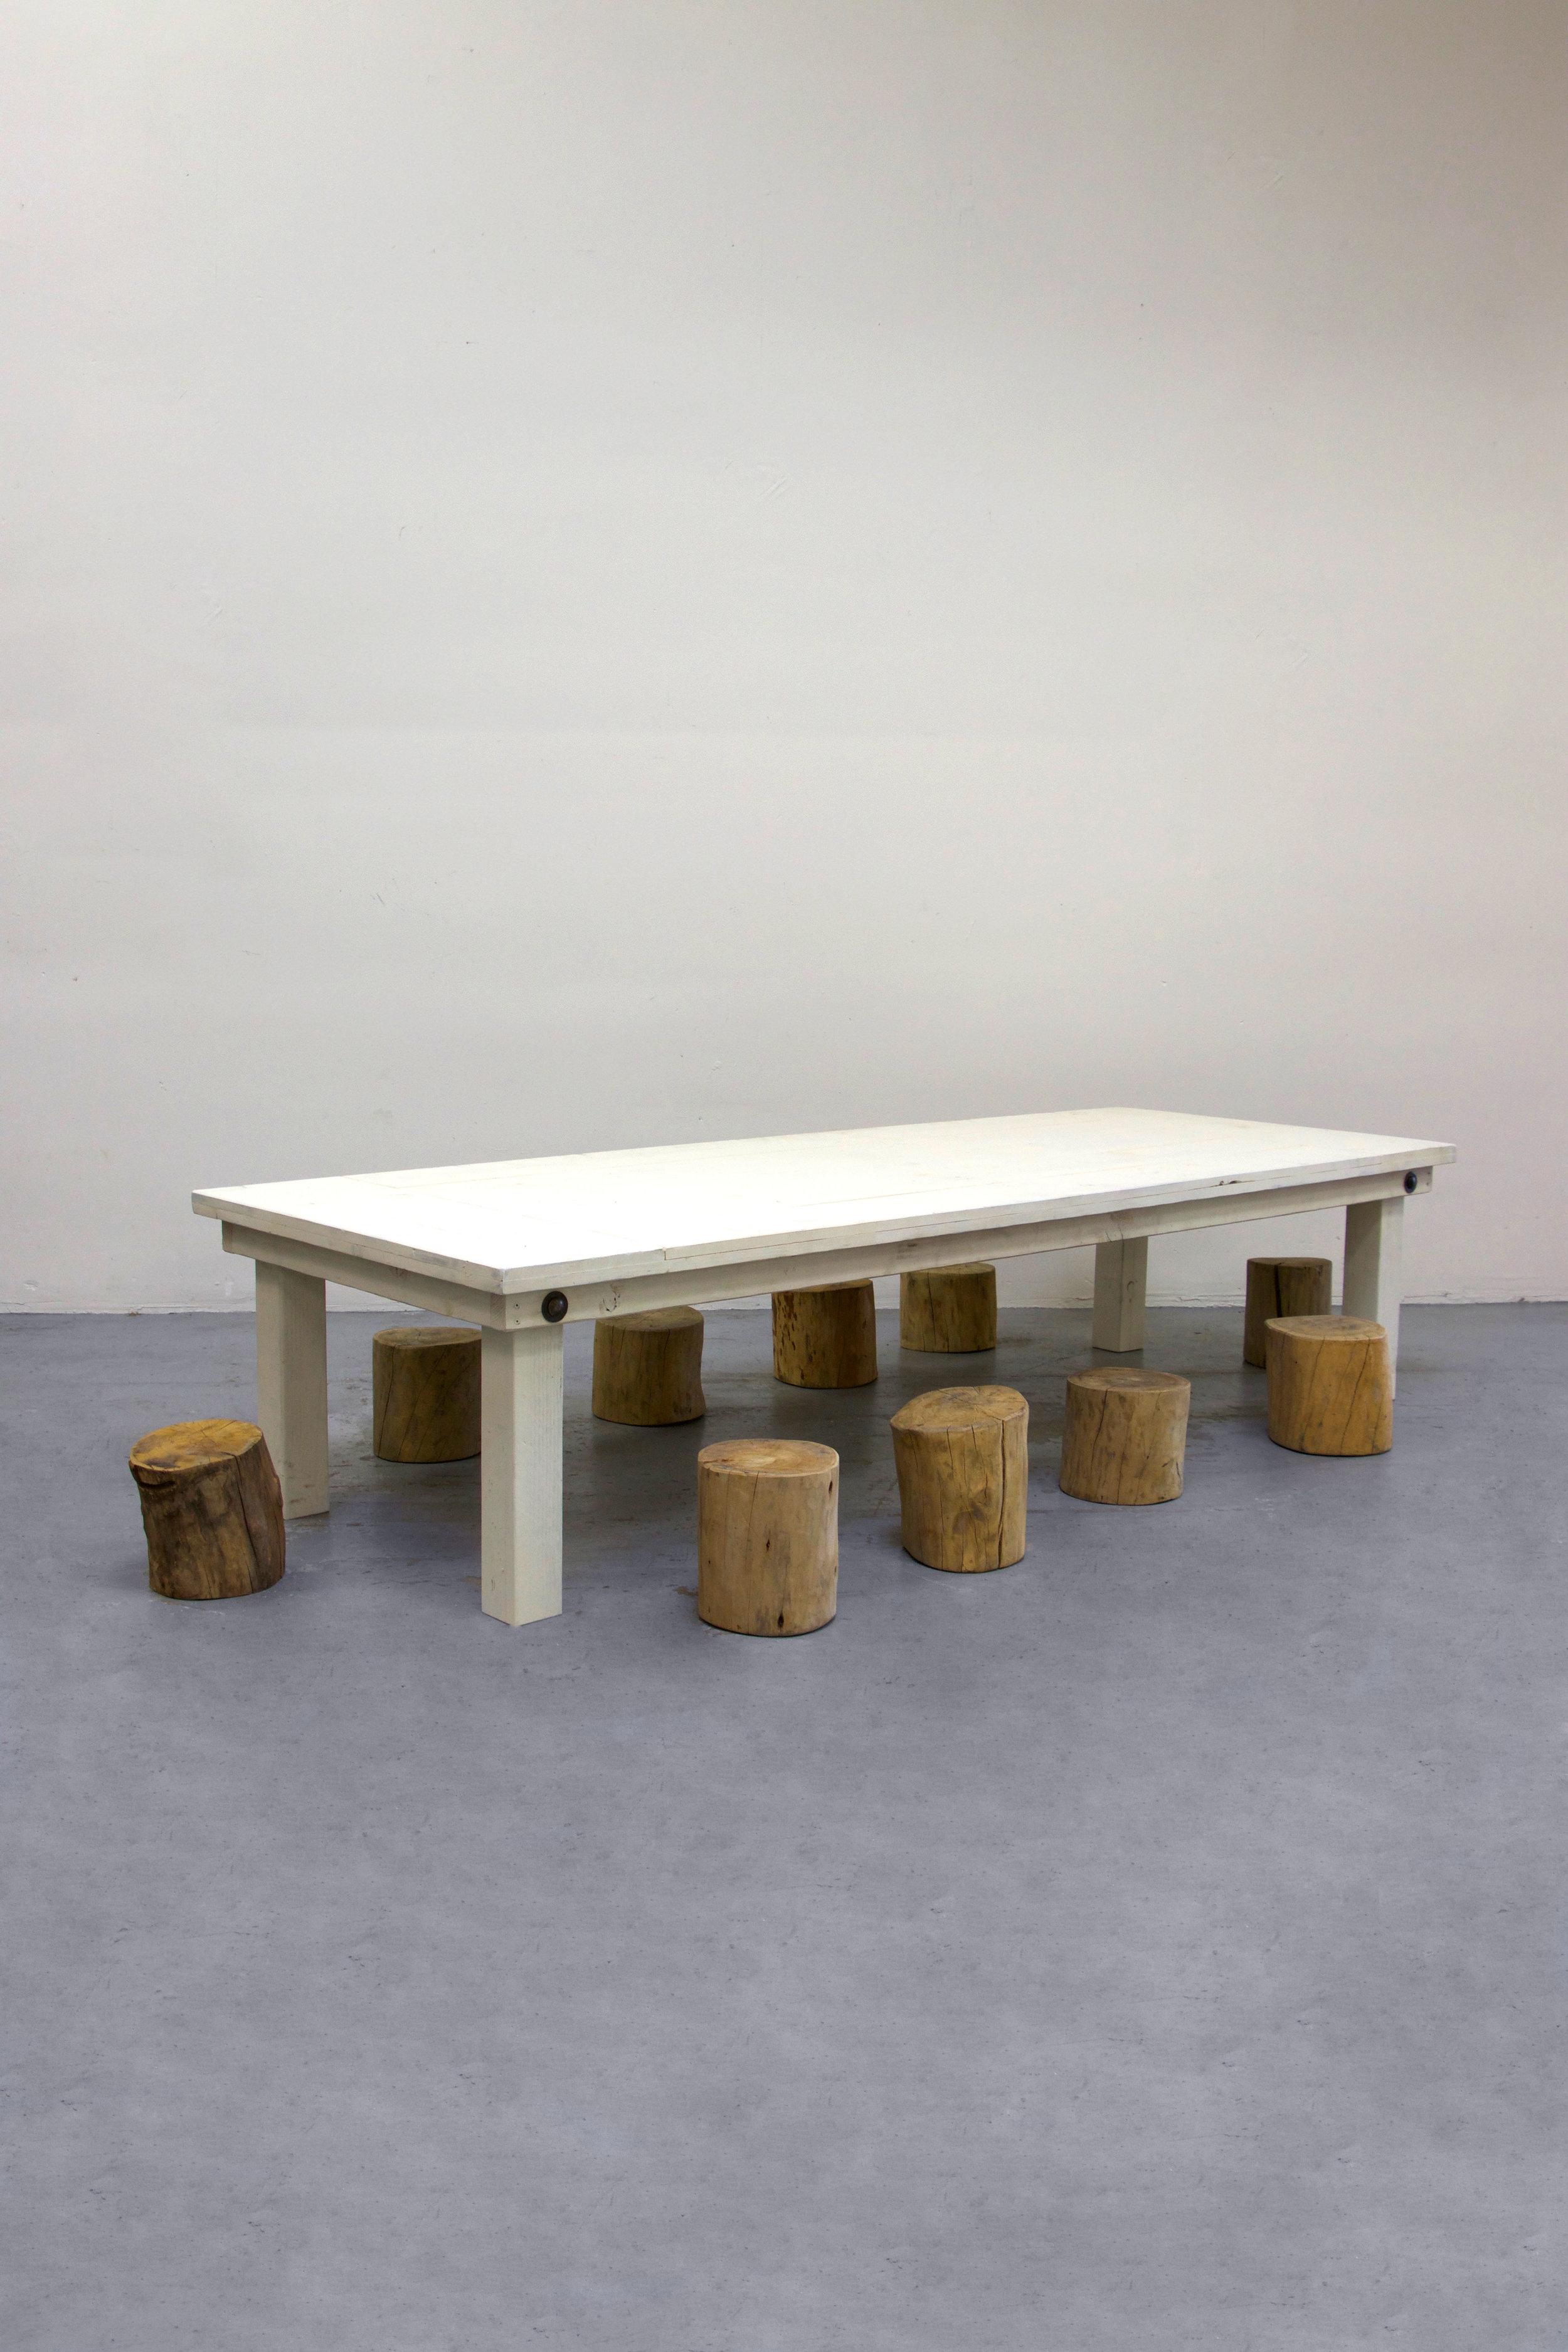 1 Kids Vintage White Farm Table w/ 10 Tree Stumps